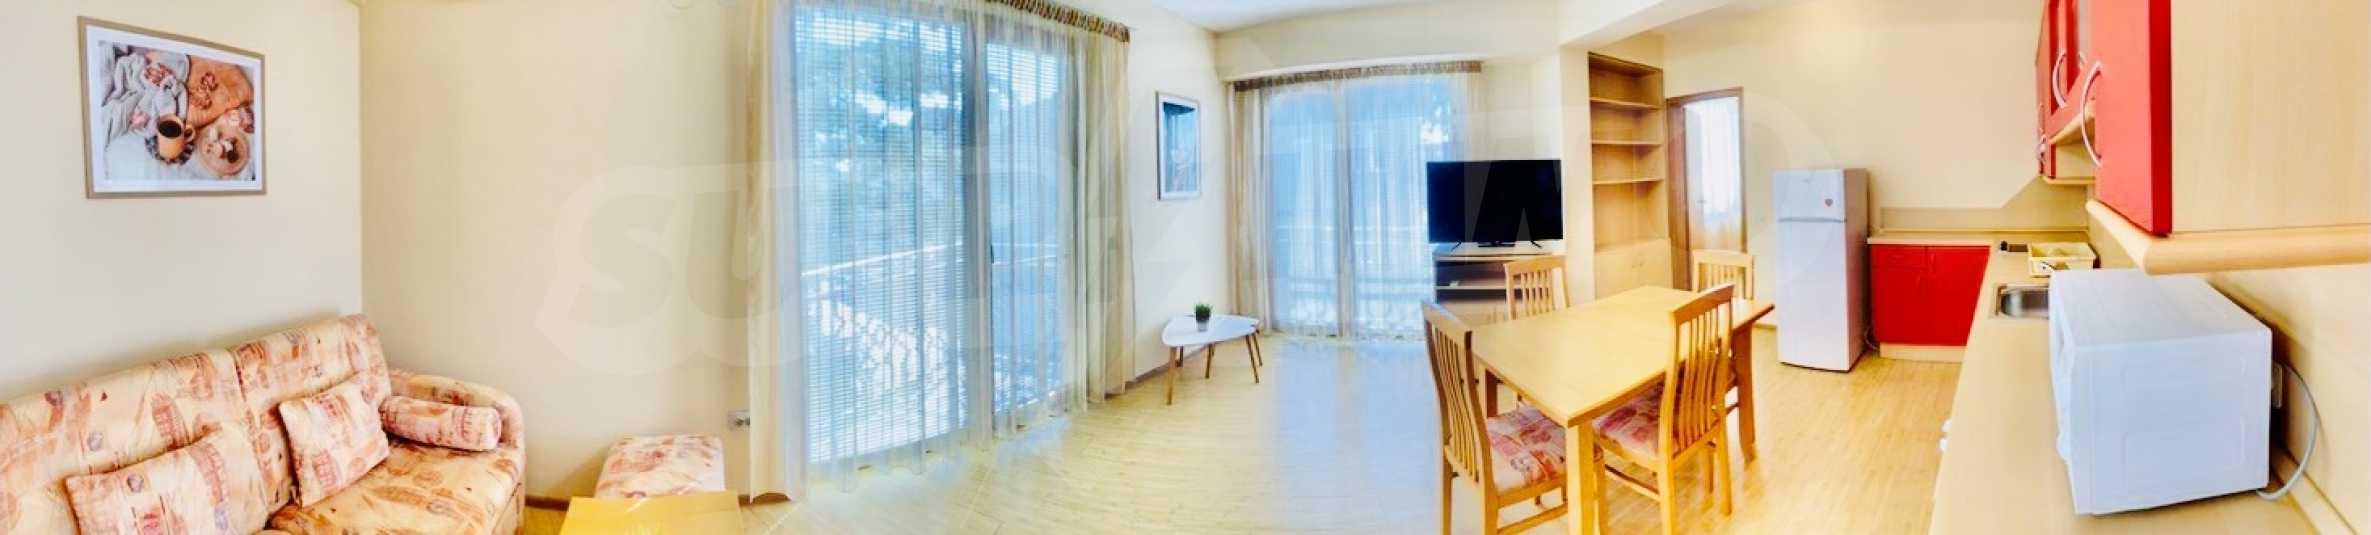 Apartment for rent in Veliko Tarnovo  1